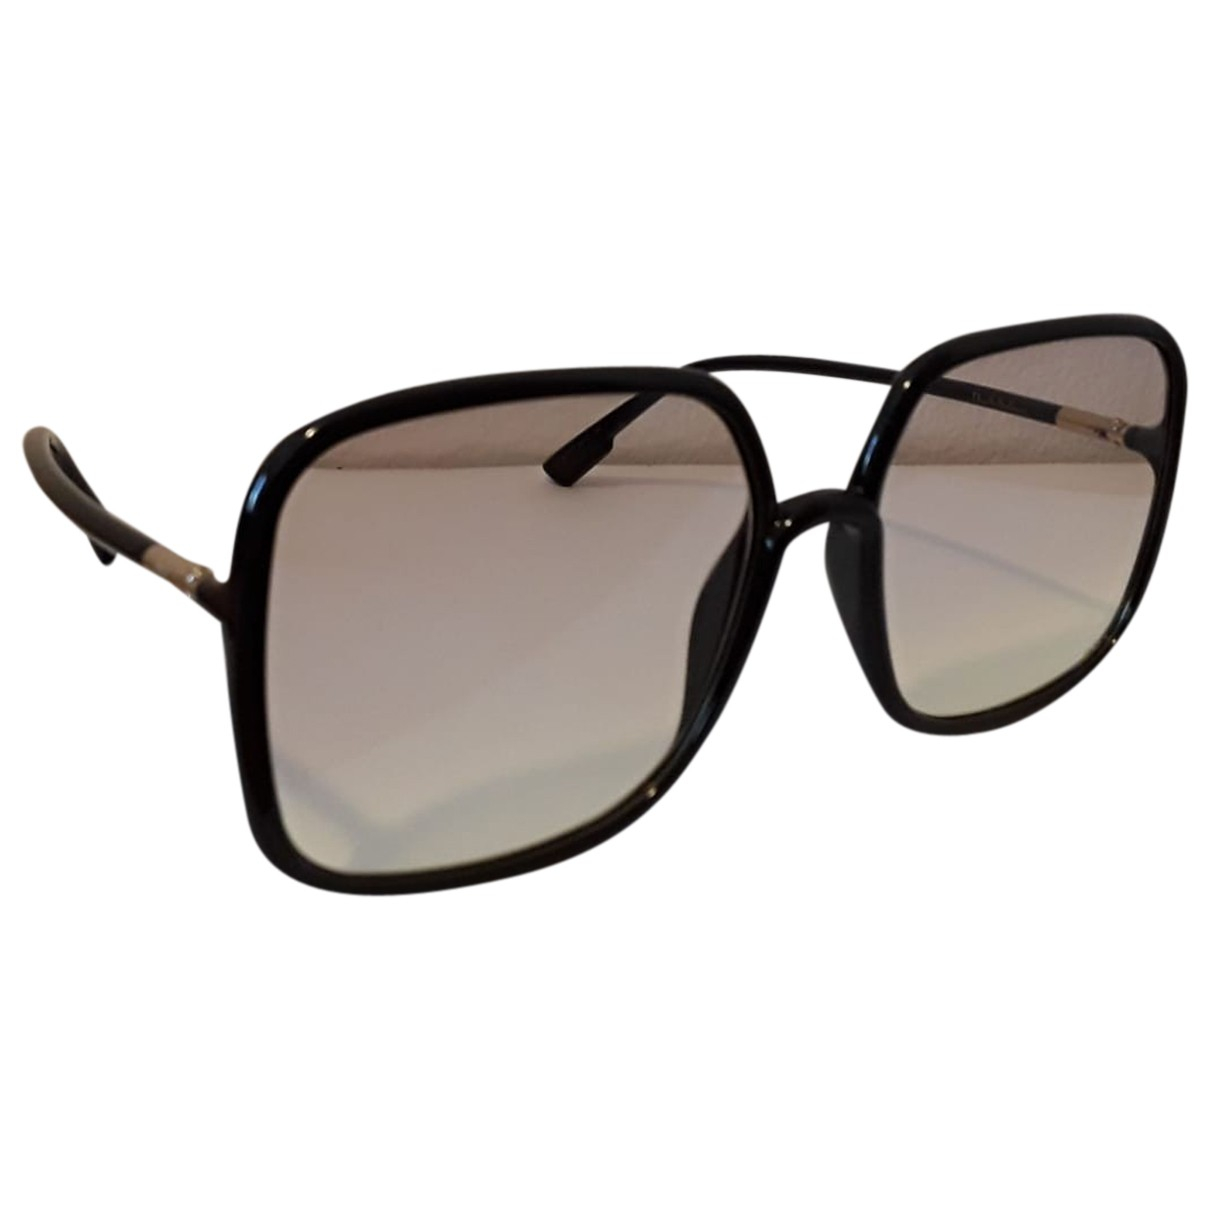 Gafas SoStellaire1 Dior